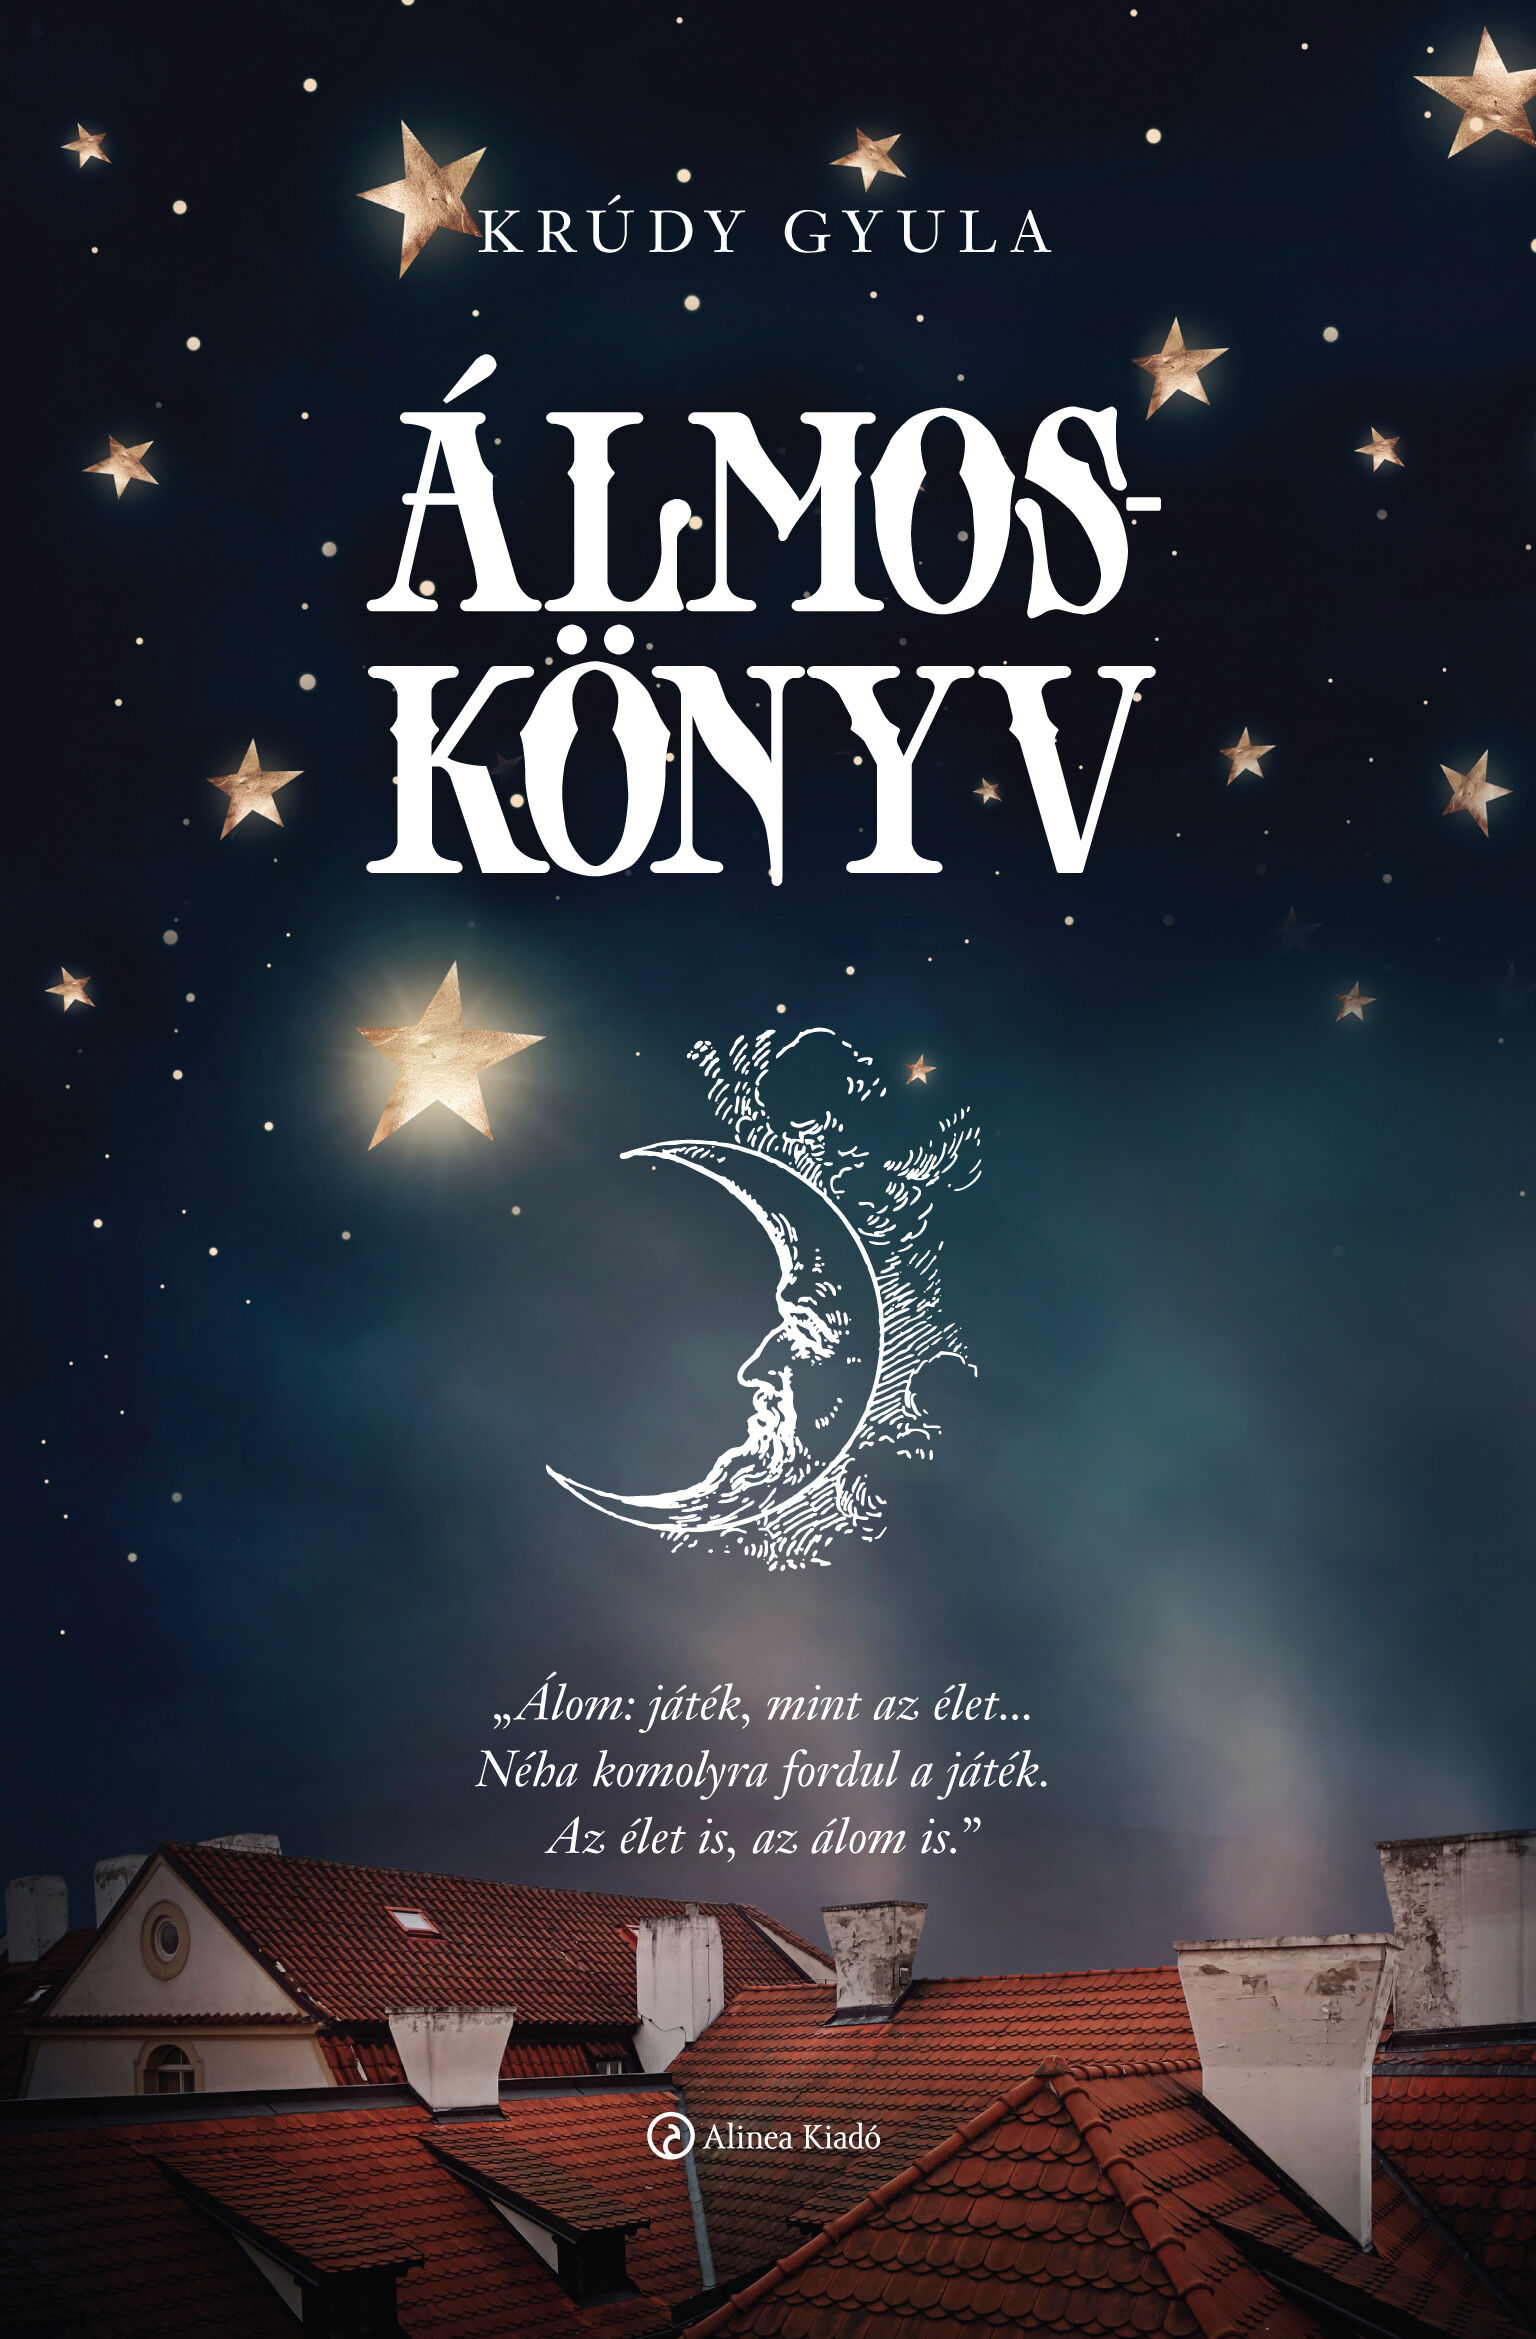 álmosköny, Krúdy álmoskönyv, álomfejtés, irodalmi álomfejtés, Krúdy-sorozat